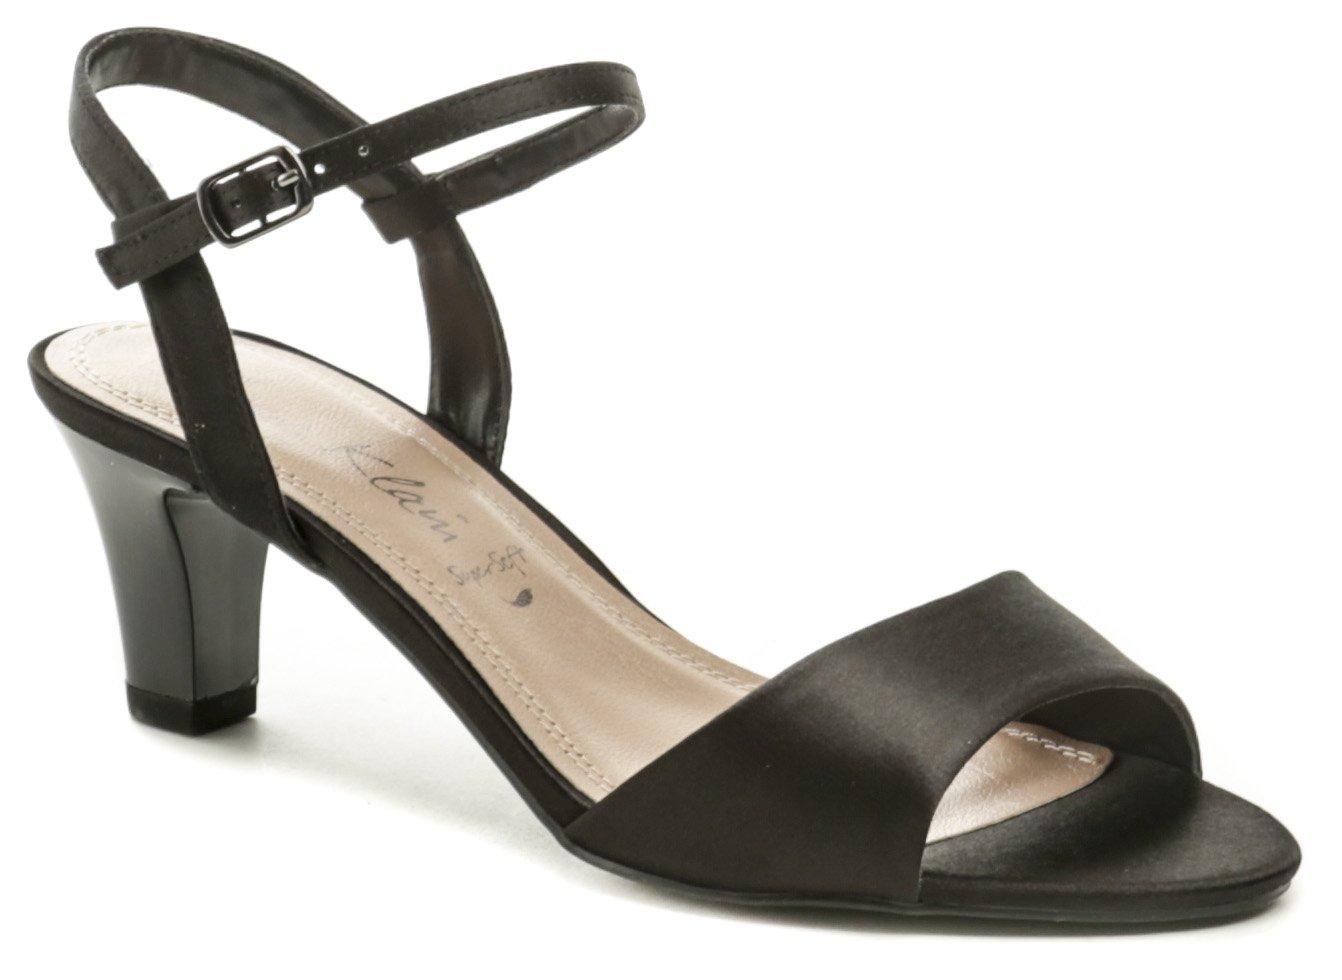 Jane Klain 282250 čierne dámske sandále EUR 37